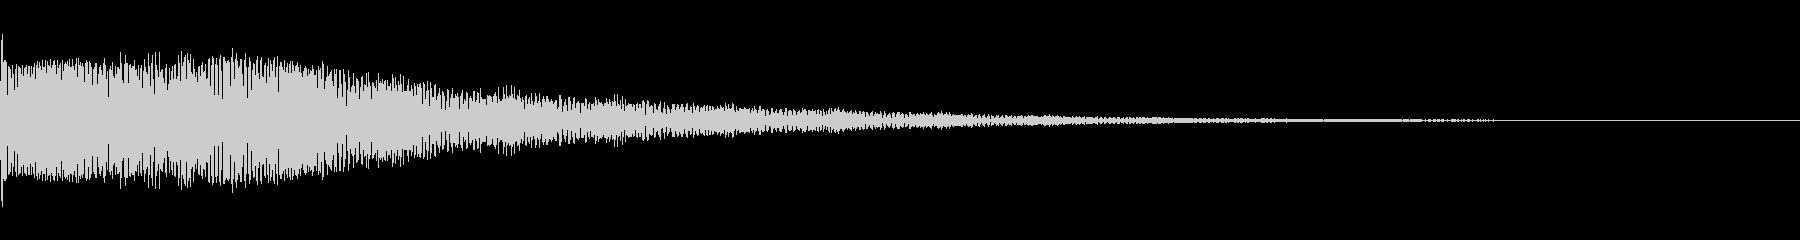 ビヨーン!(失敗、ボケ、オチ、コミカル)の未再生の波形